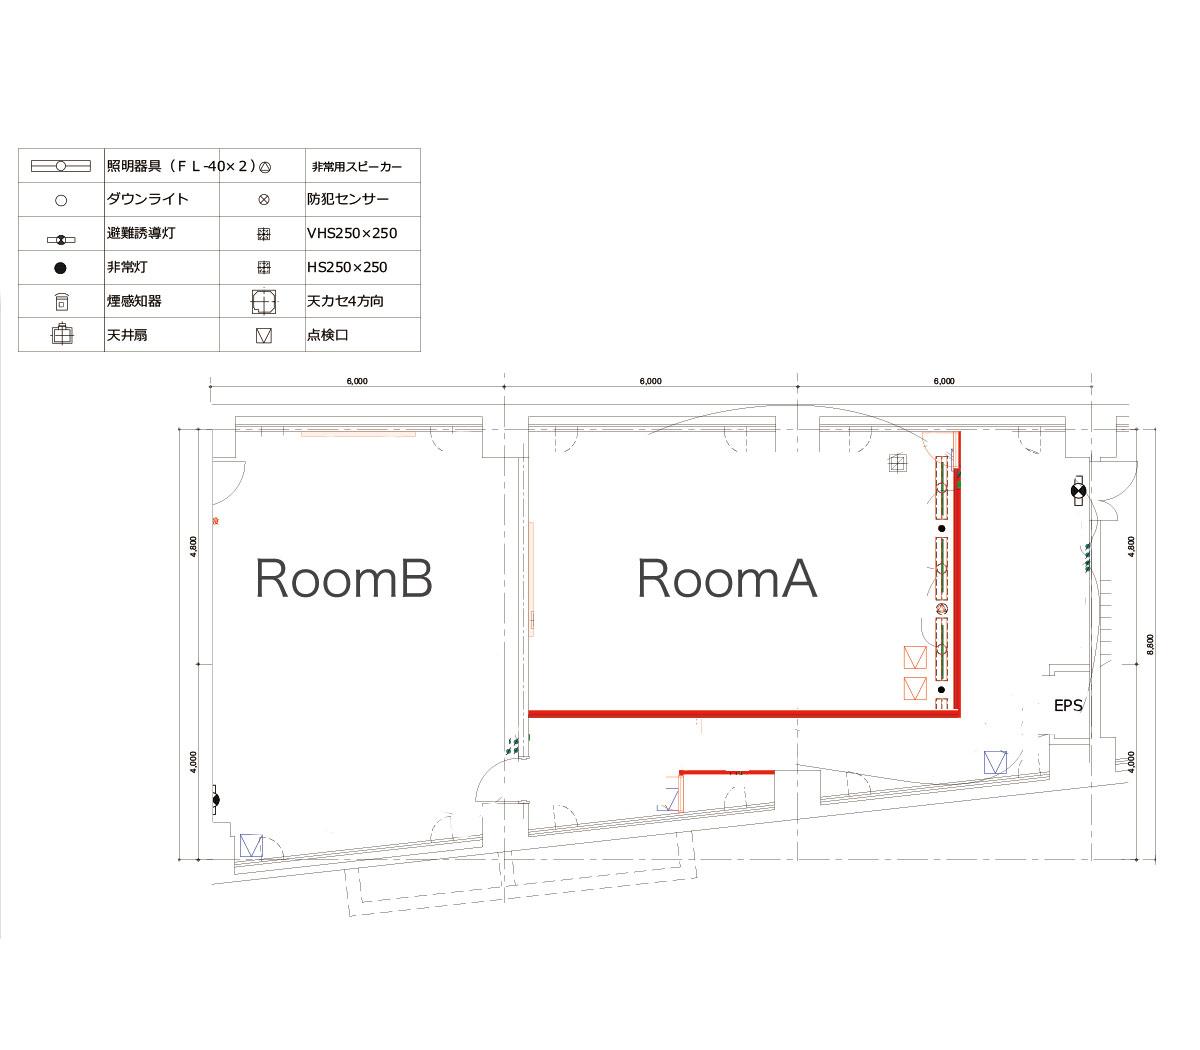 みんなの会議室 品川 Room A (ID:10017) 図面